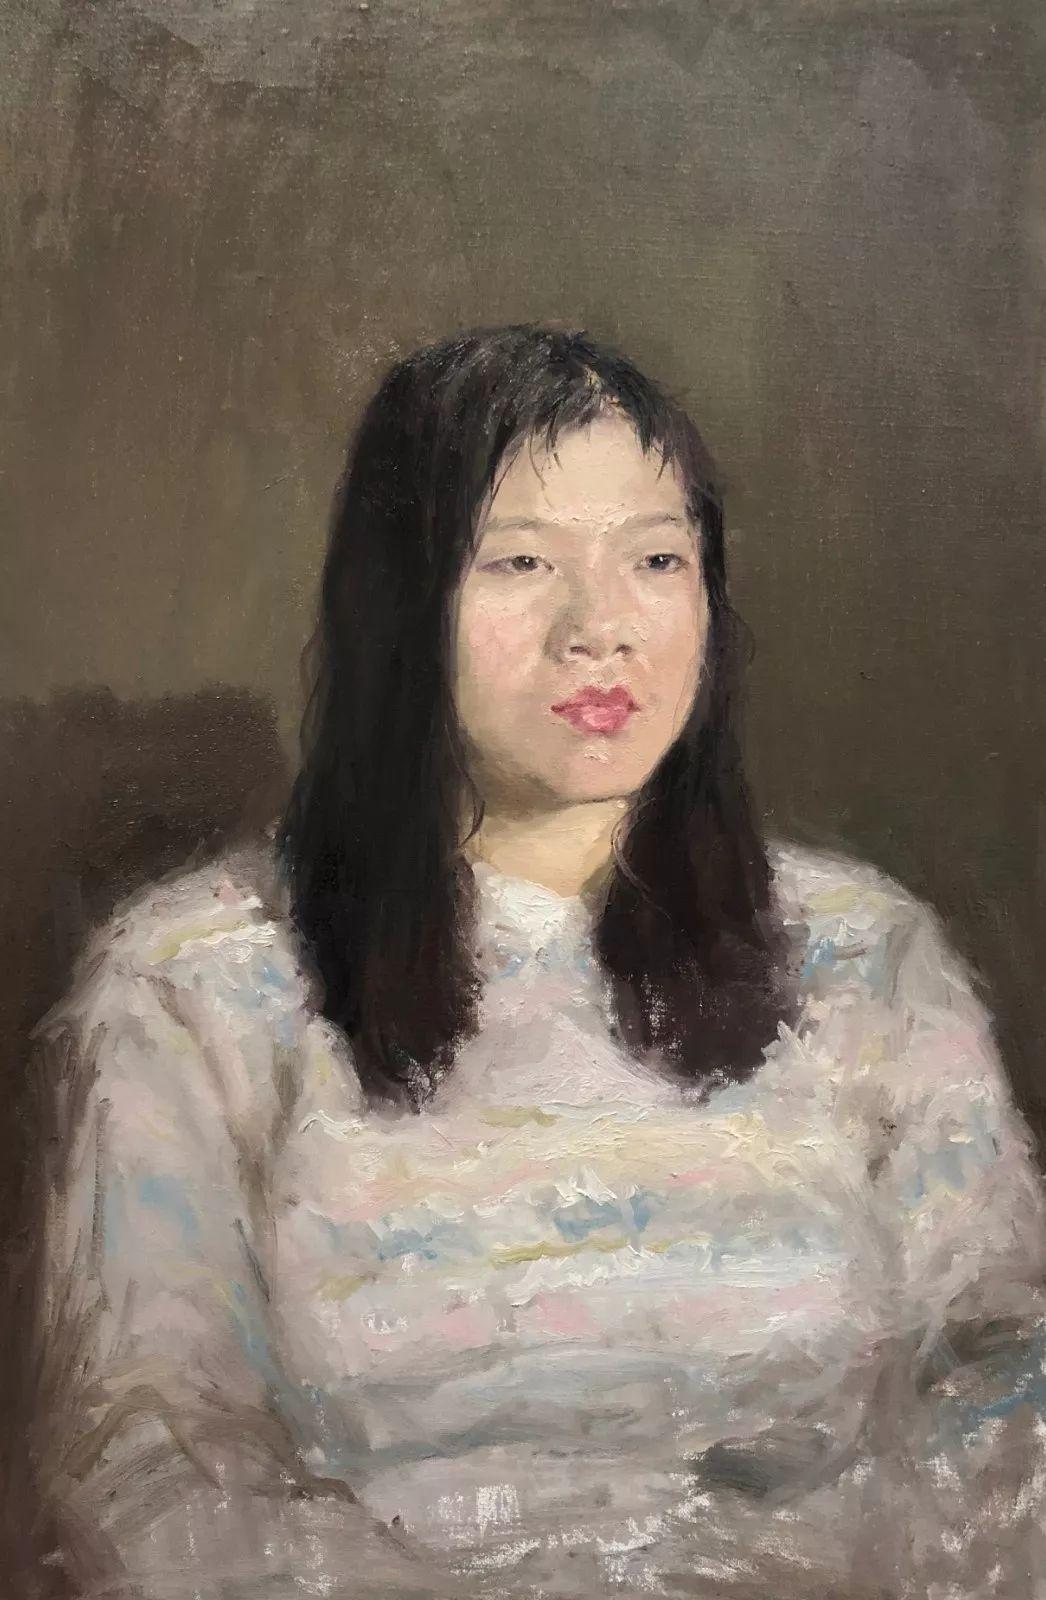 邓伦|纯艺术|素描|陈晓JinHyo - 原创作品 - 站酷 (ZCOOL)